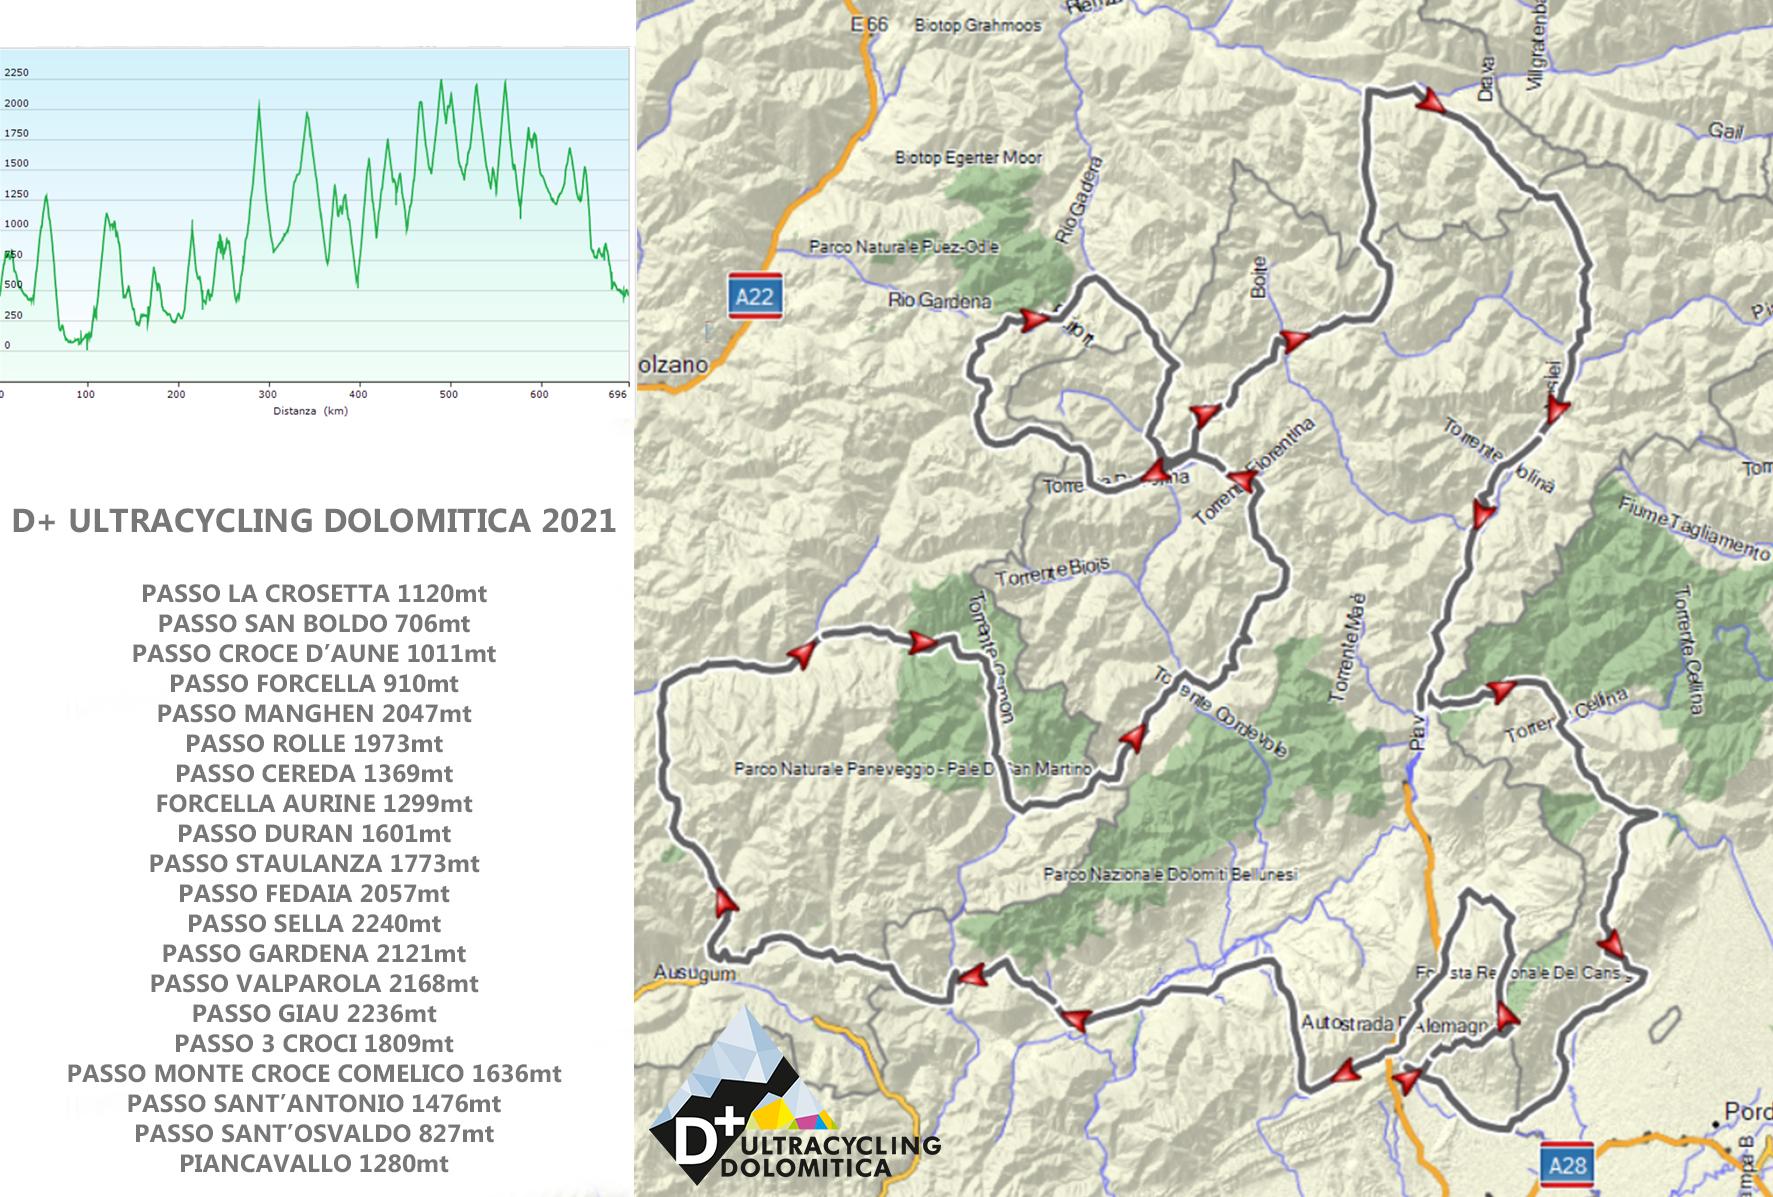 percorso Dolomitica 2021